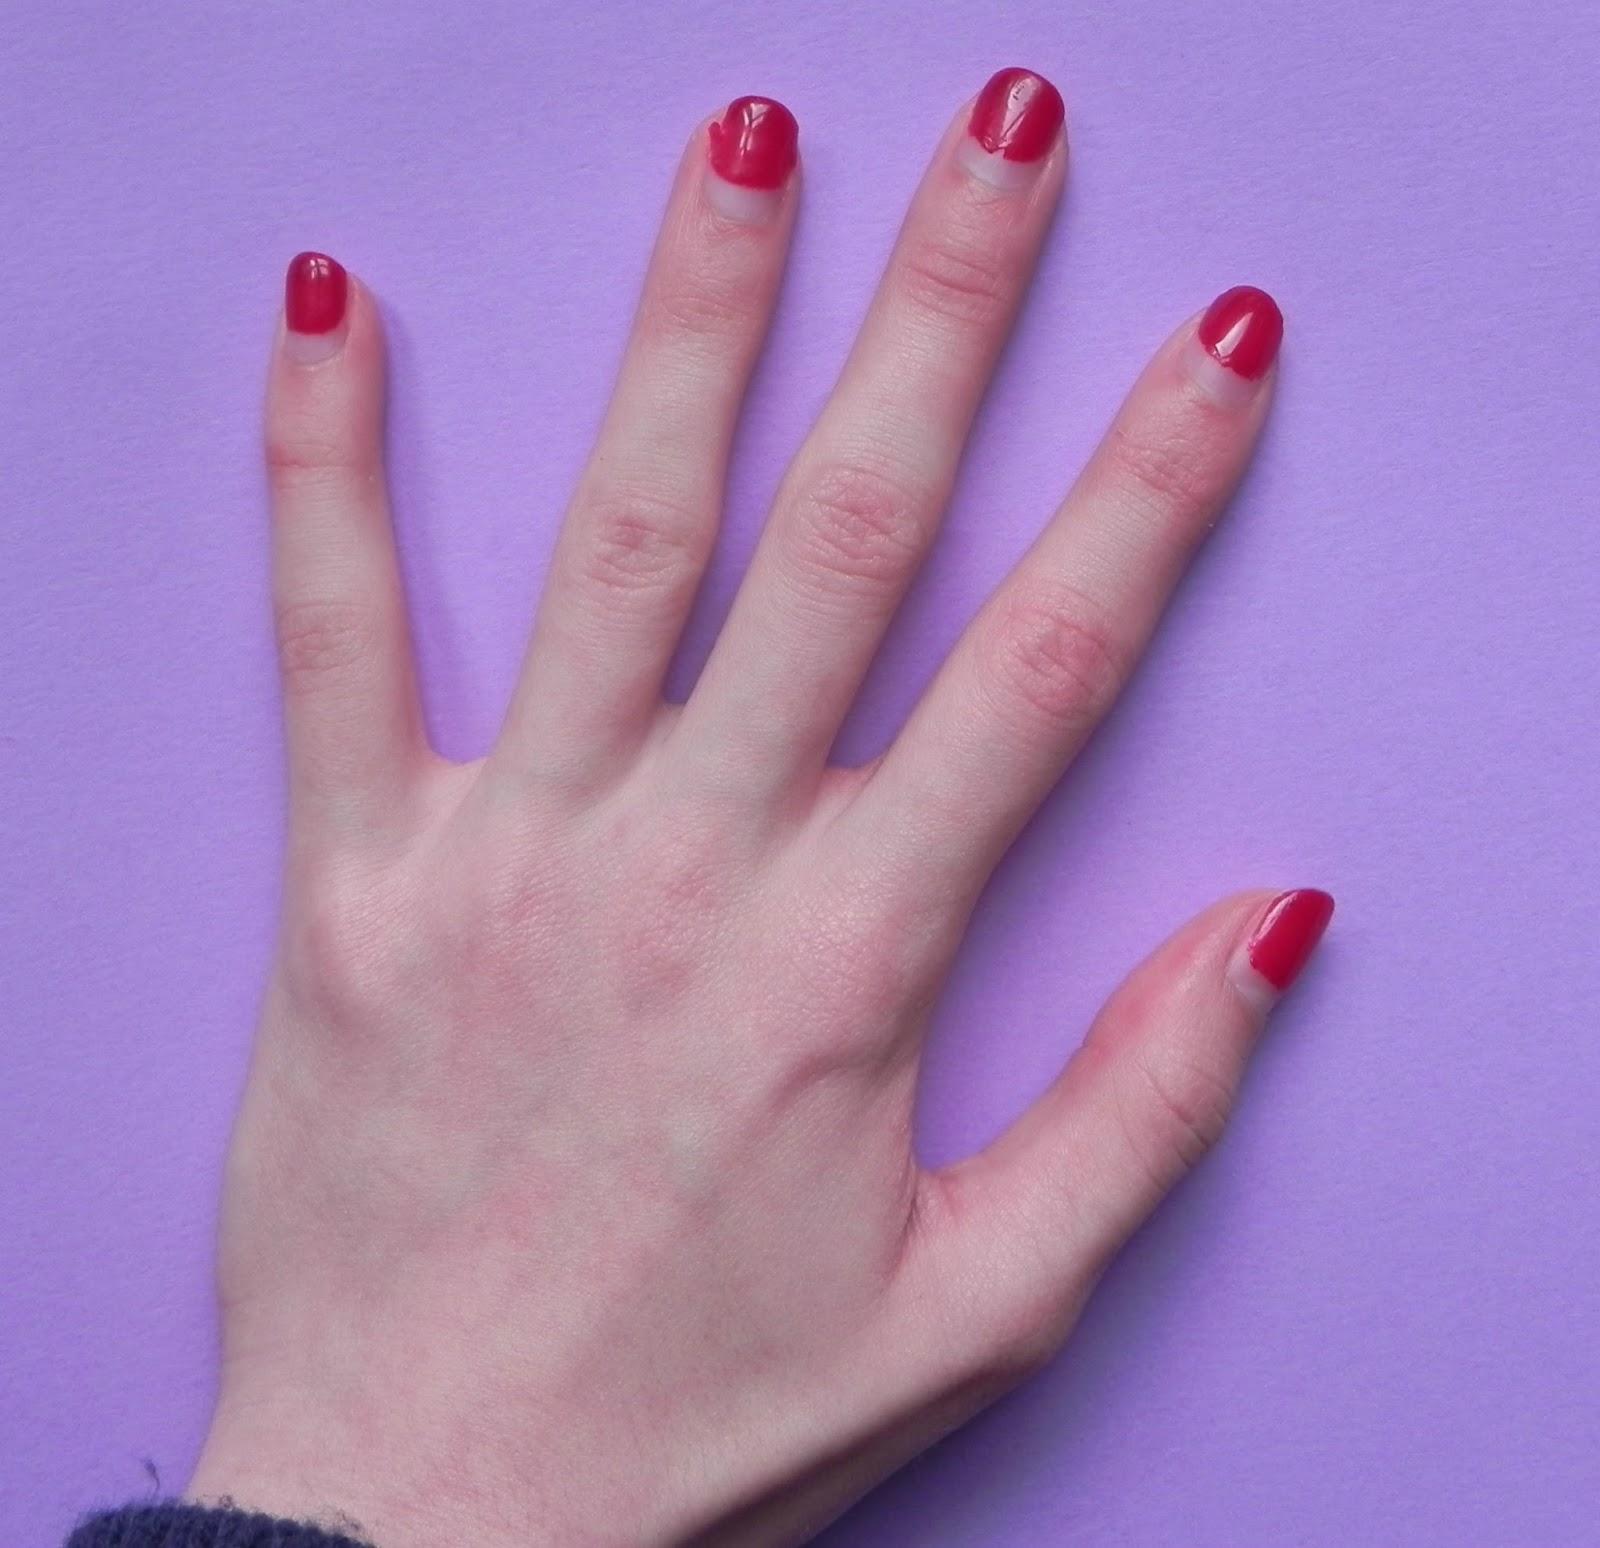 Como quitar la manicura semipermanente en casa oh my lady - Manicura semipermanente en casa ...